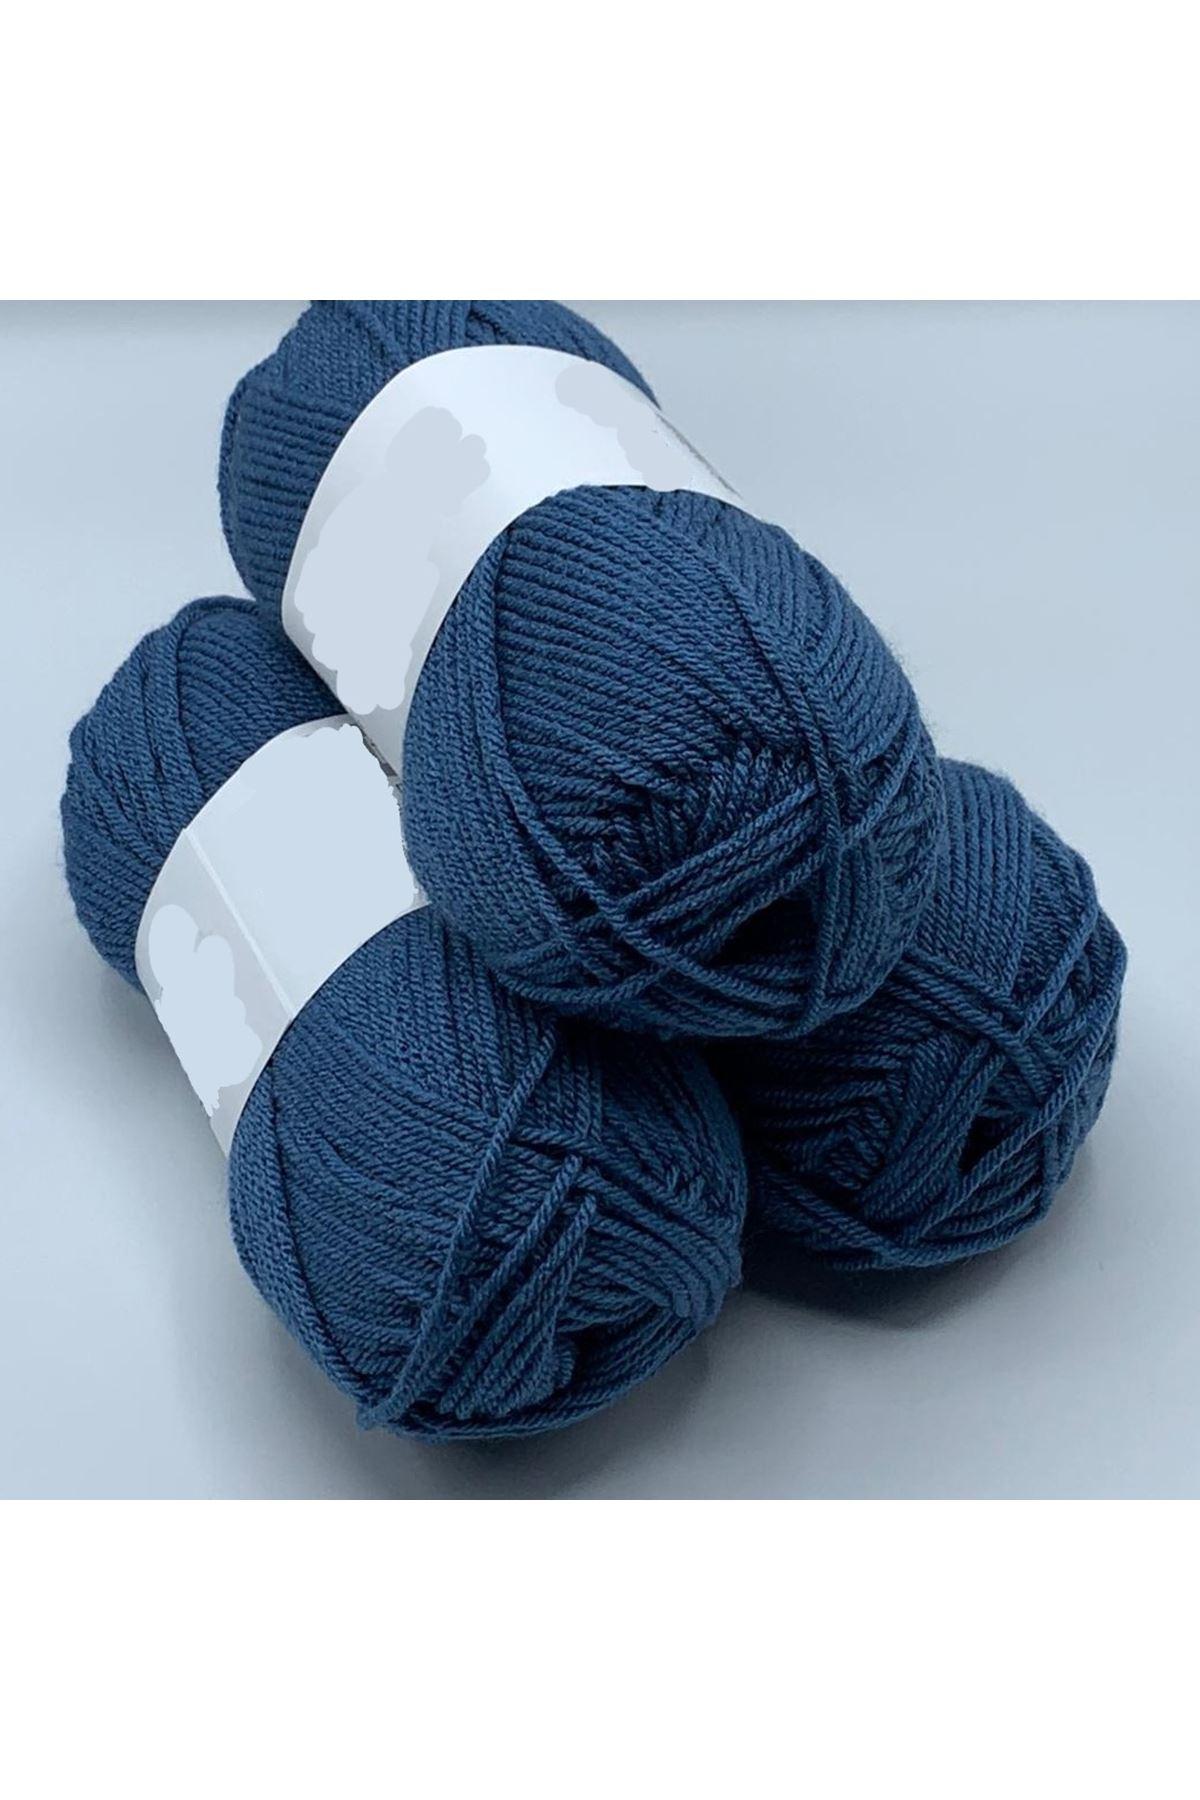 3'lü Paket  Akrilik 156 Mavi